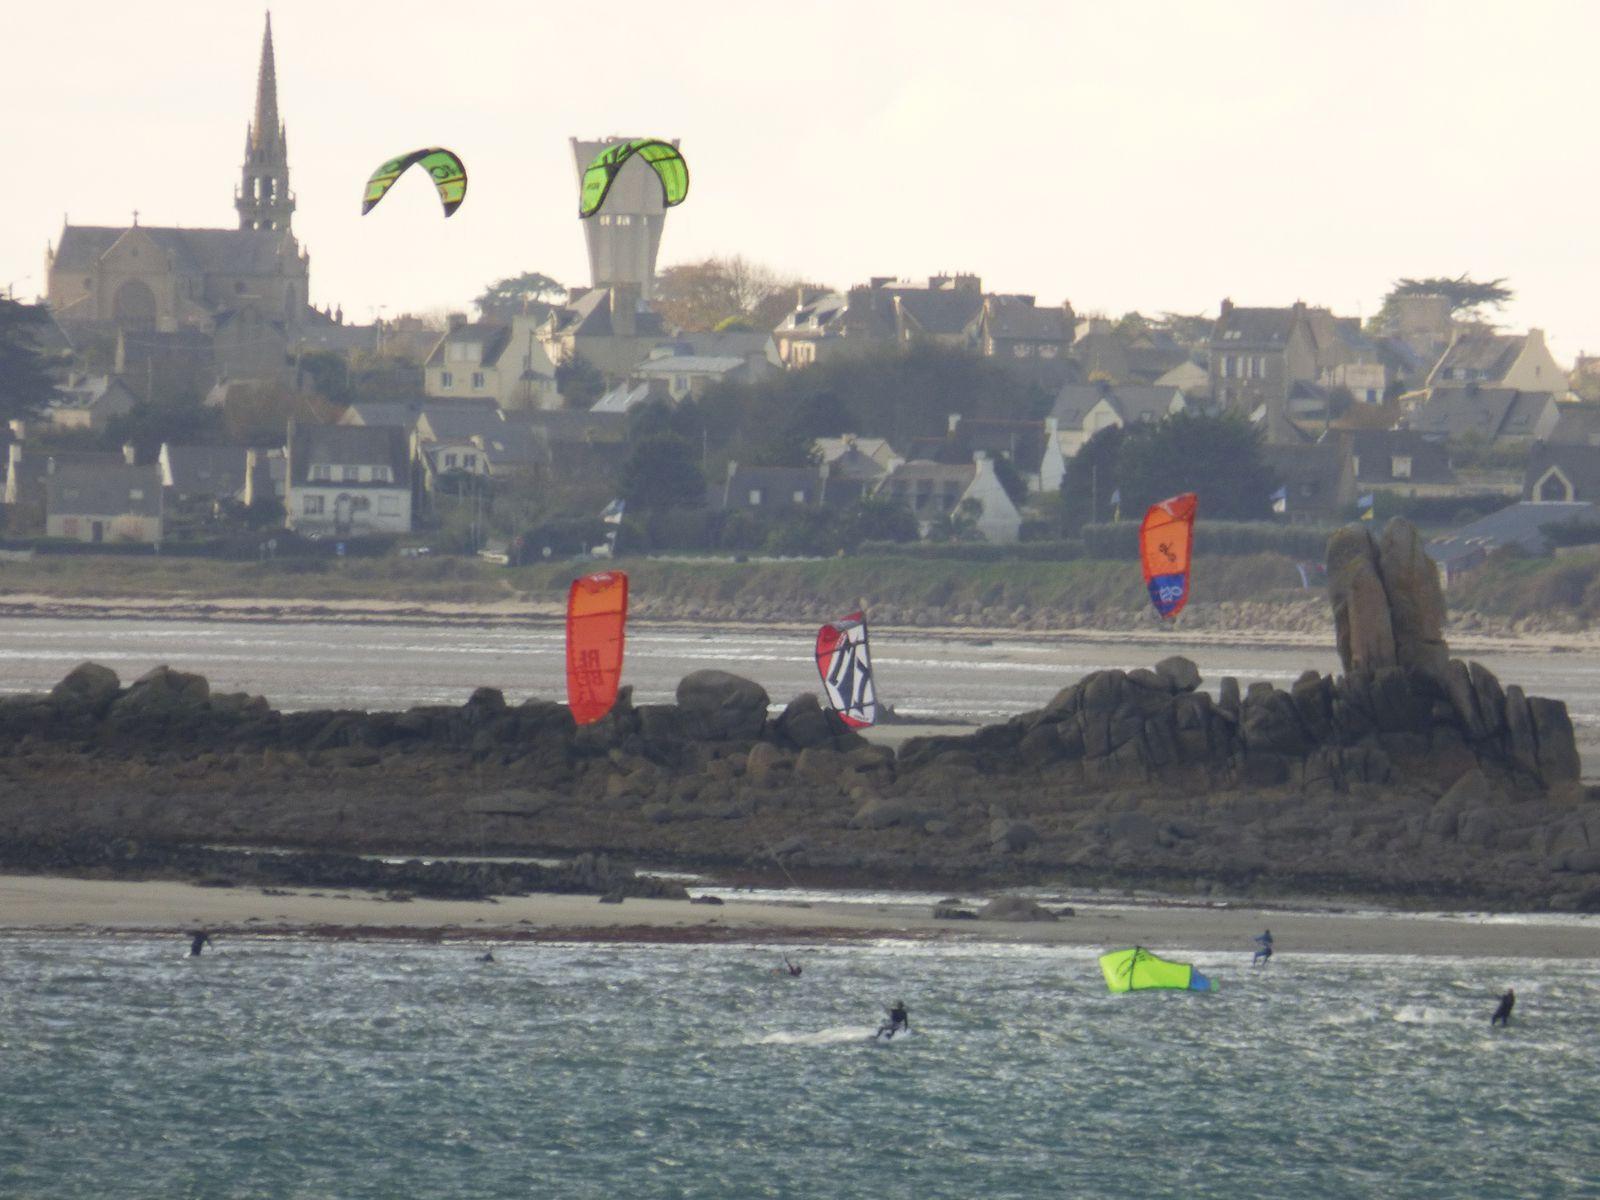 Kites sous les rafales de vent...